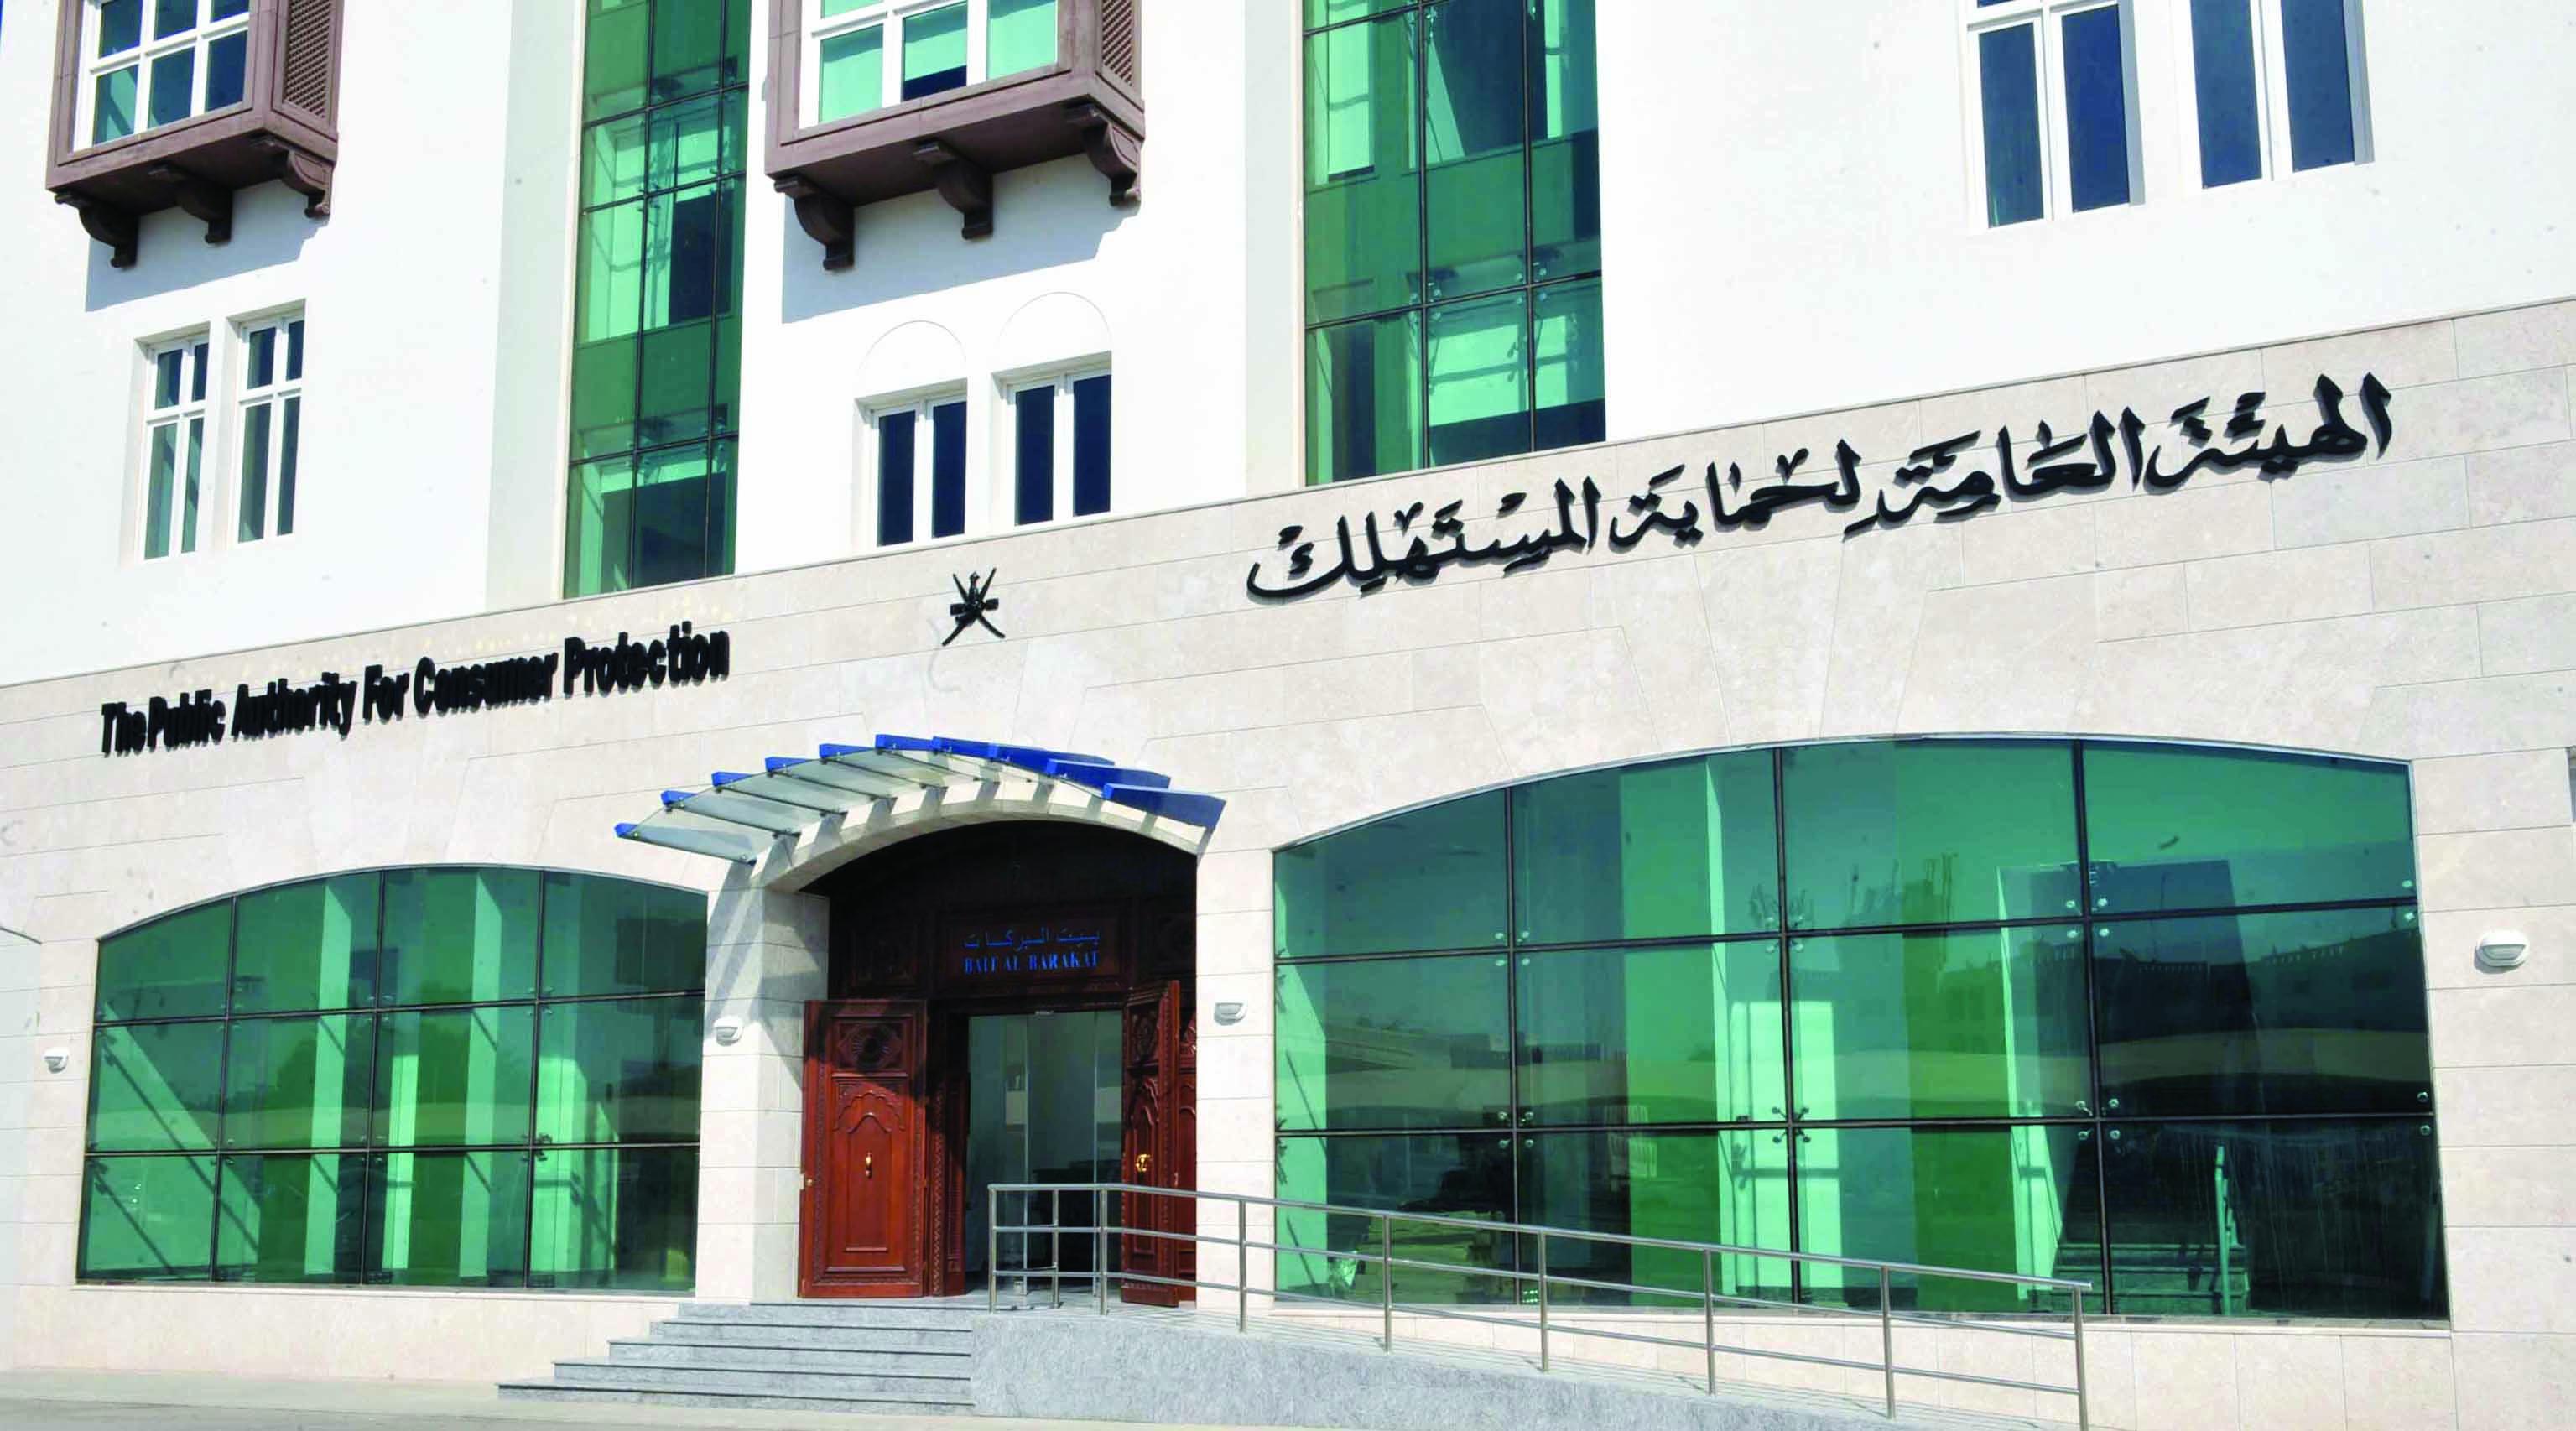 استرجاع 23 ألف ريال عماني لأحد المستهلكين بالرستاق